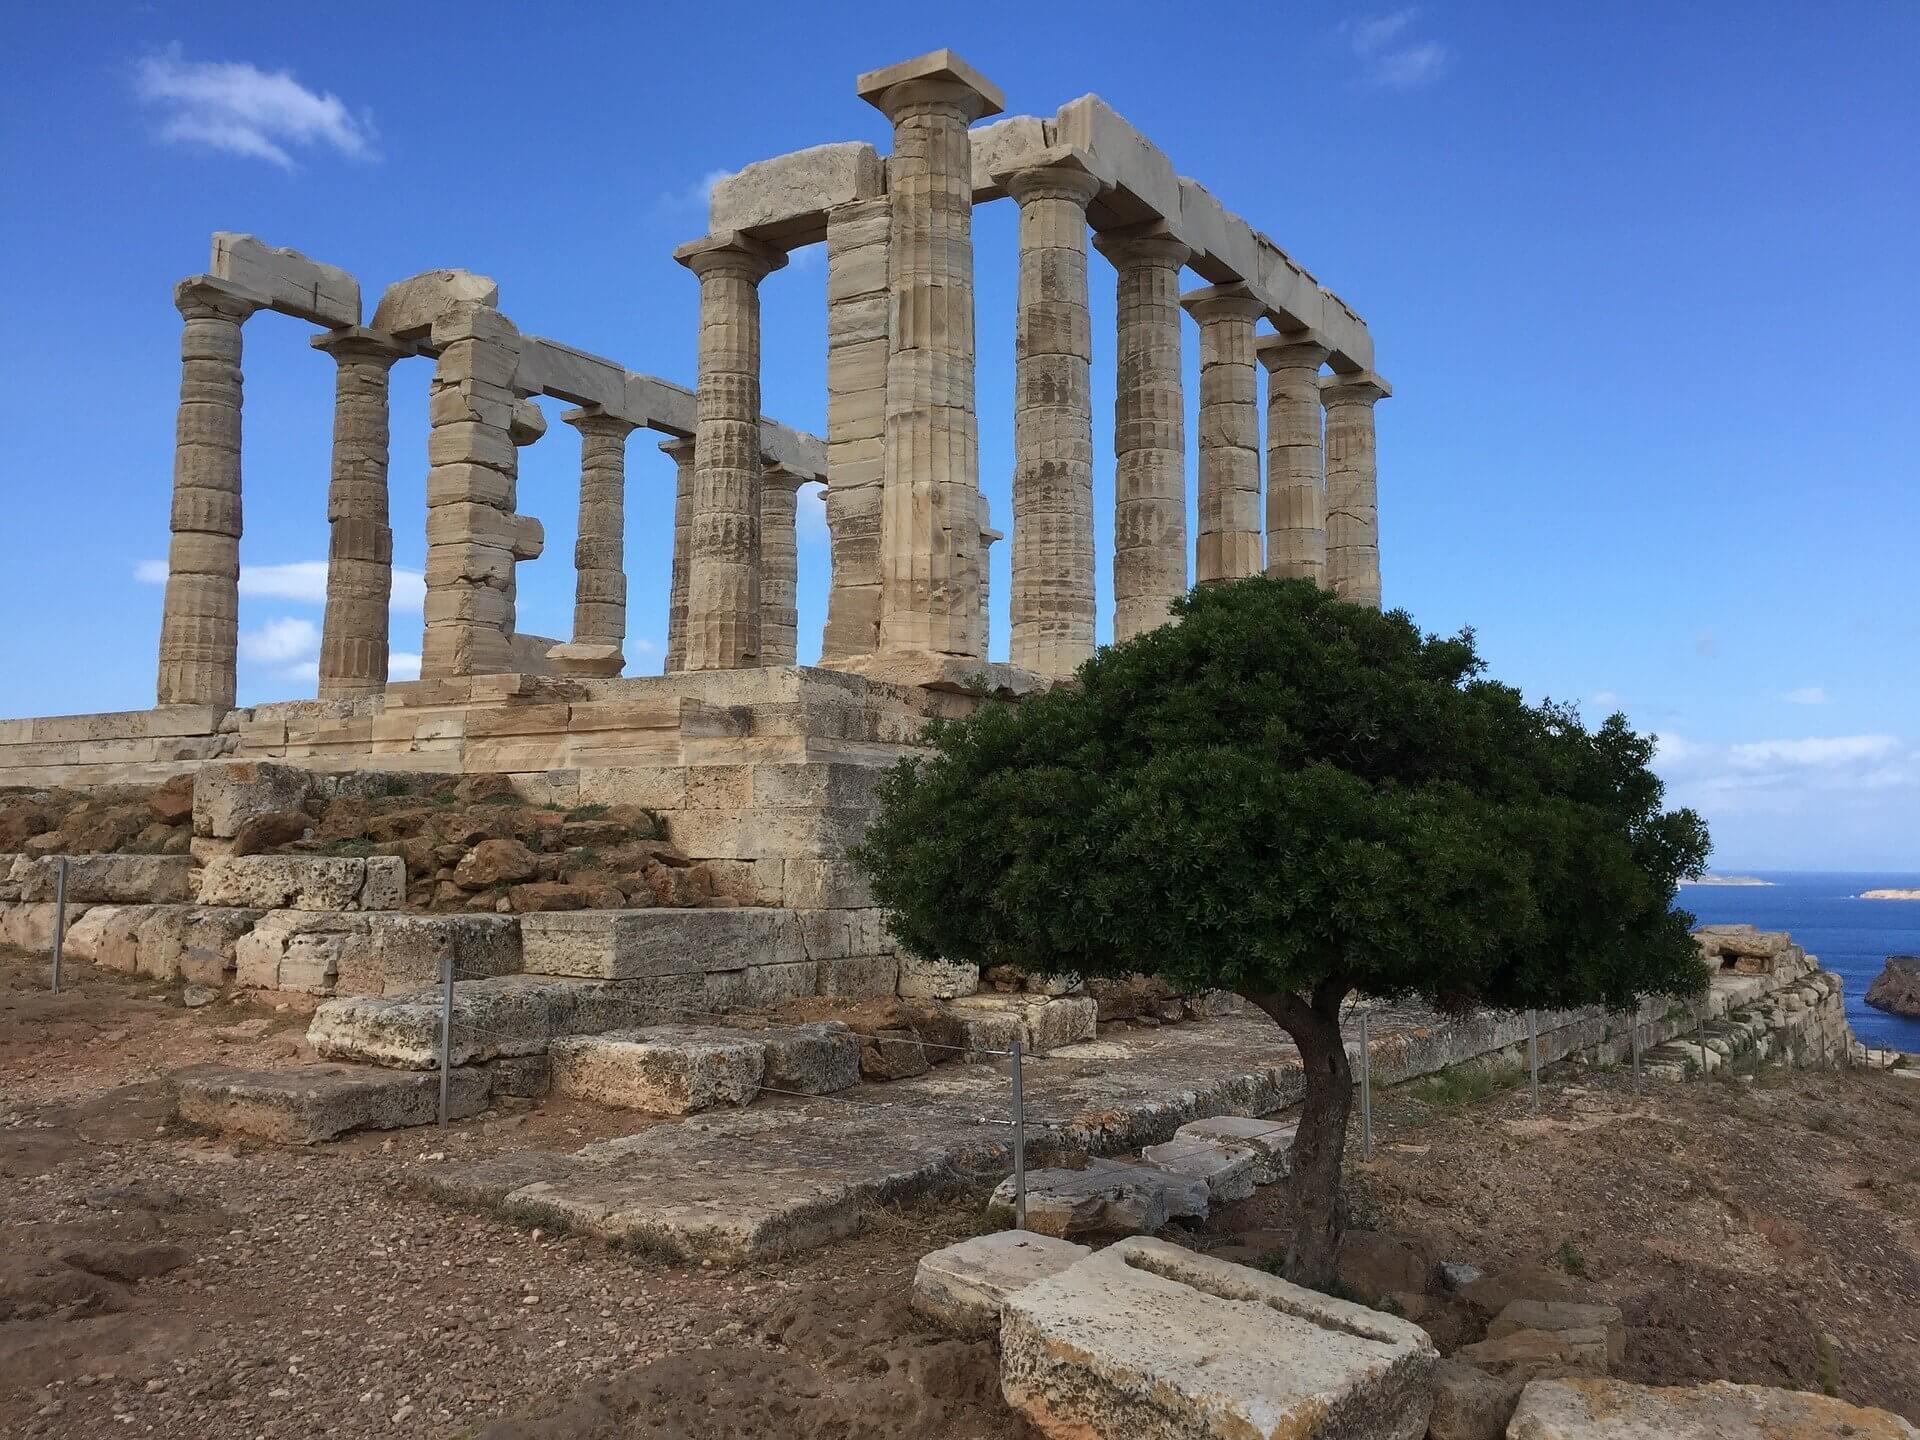 Day Trip to Athens - Temple of Poseidon